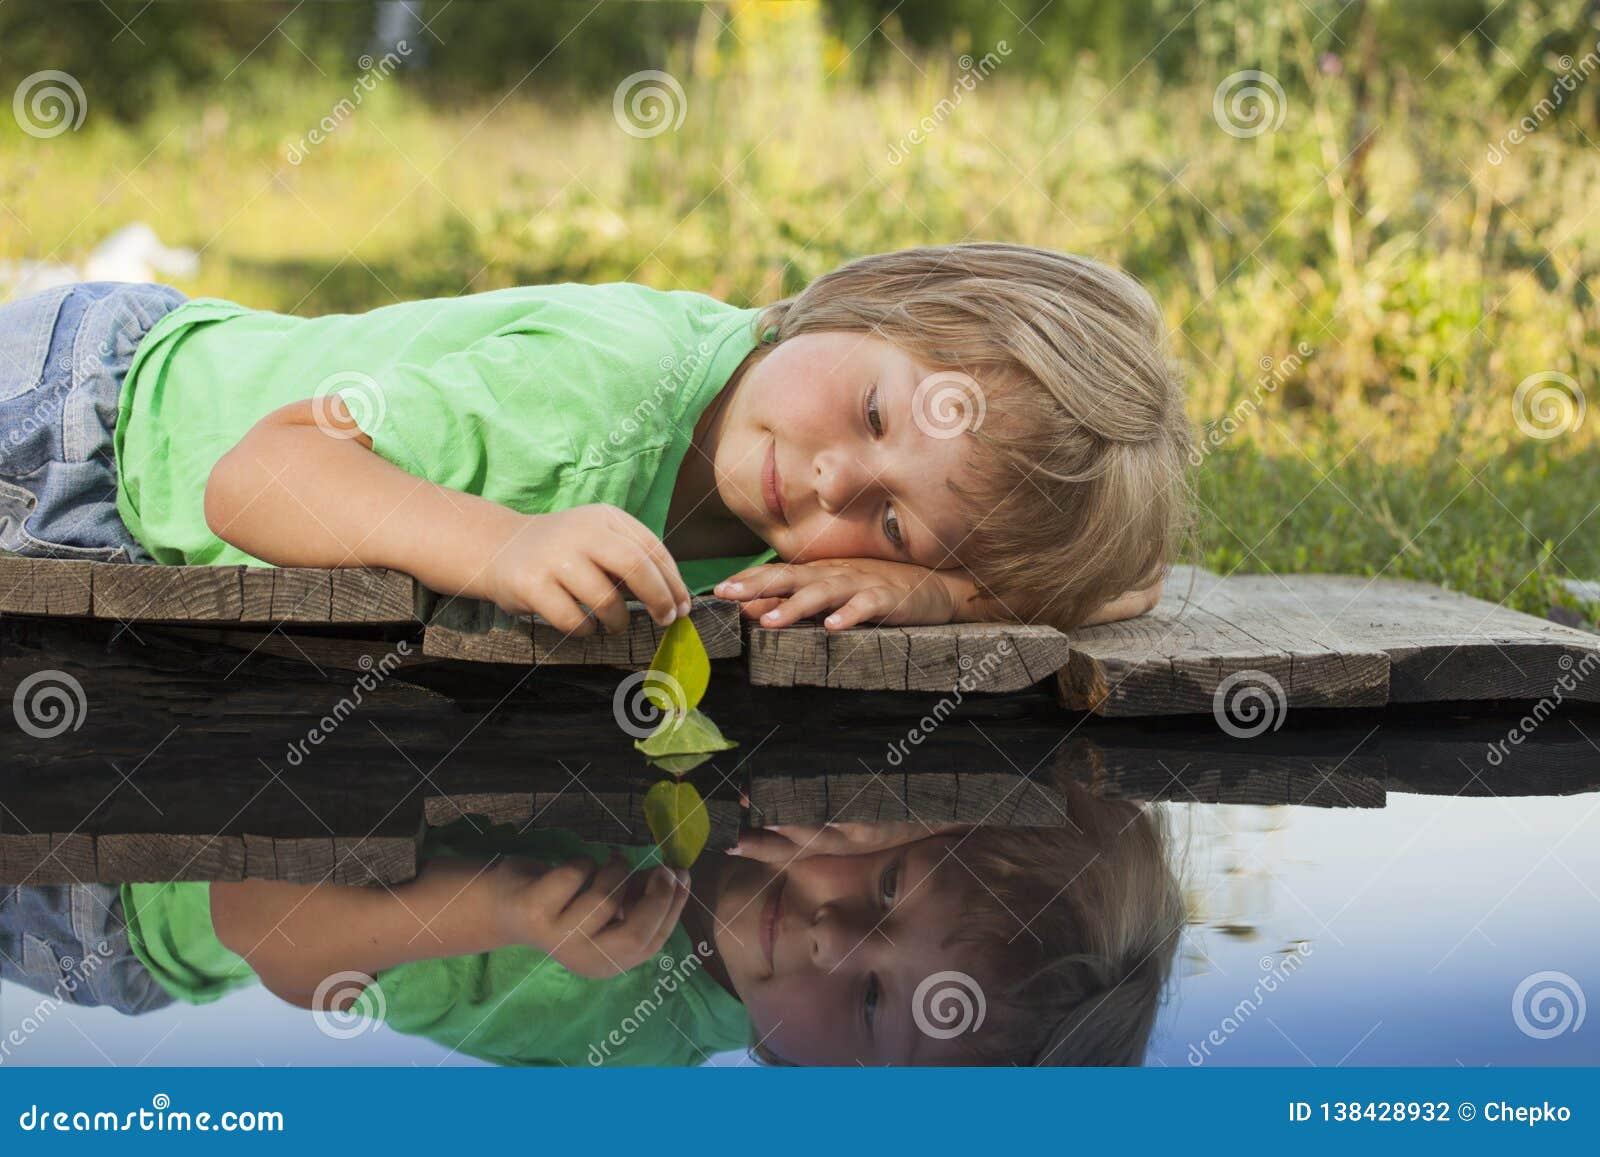 Зеленый лист-корабль в руке детей в воде, мальчике в игре парка с шлюпкой в реке